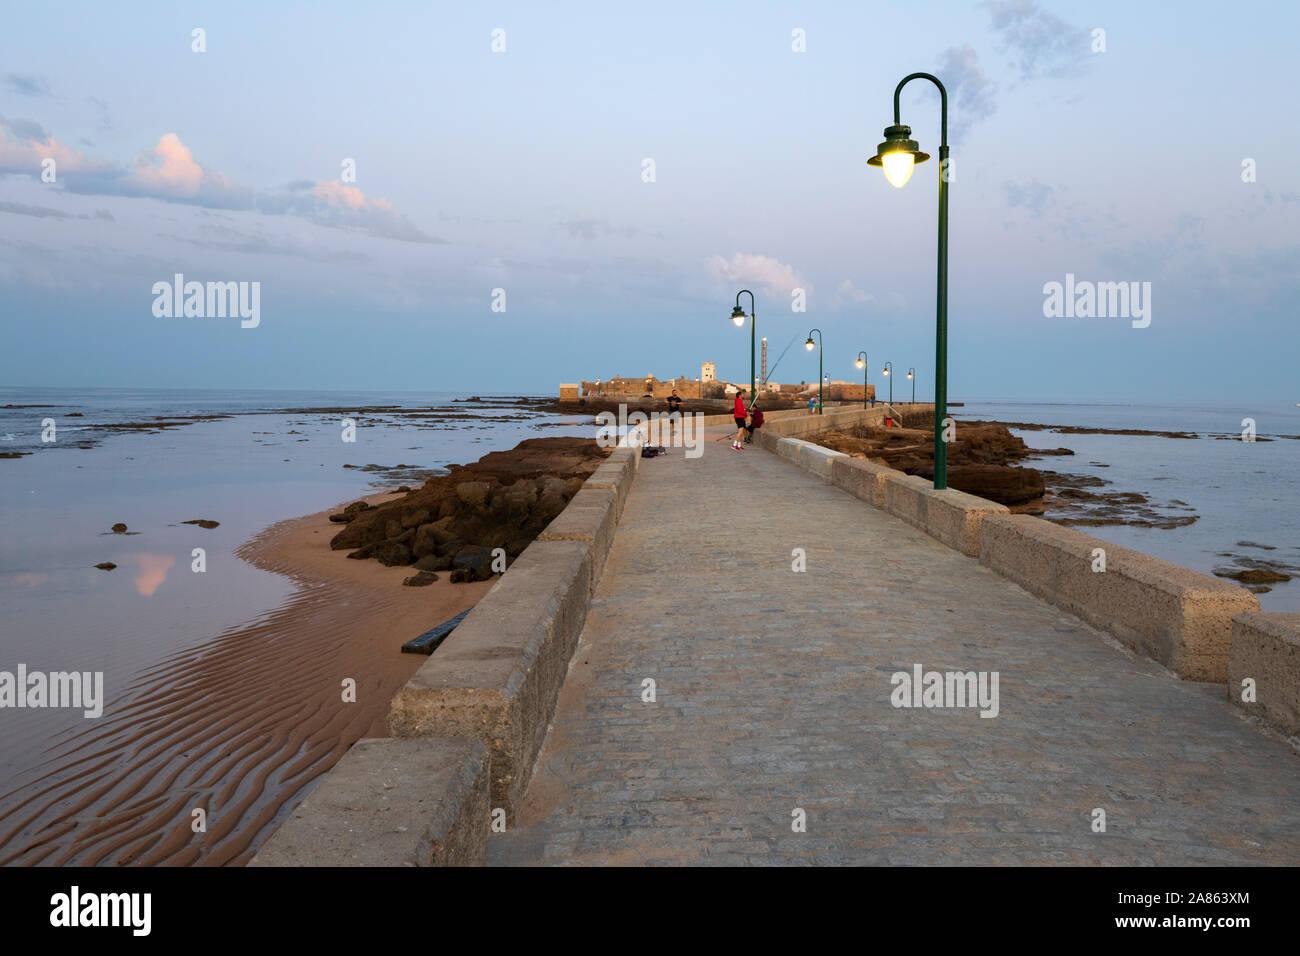 Avenida Fernando Quinones conduisant au Castillo de San Sebastian à marée basse en début de matinée, Cadix, Andalousie, Espagne, Europe Banque D'Images